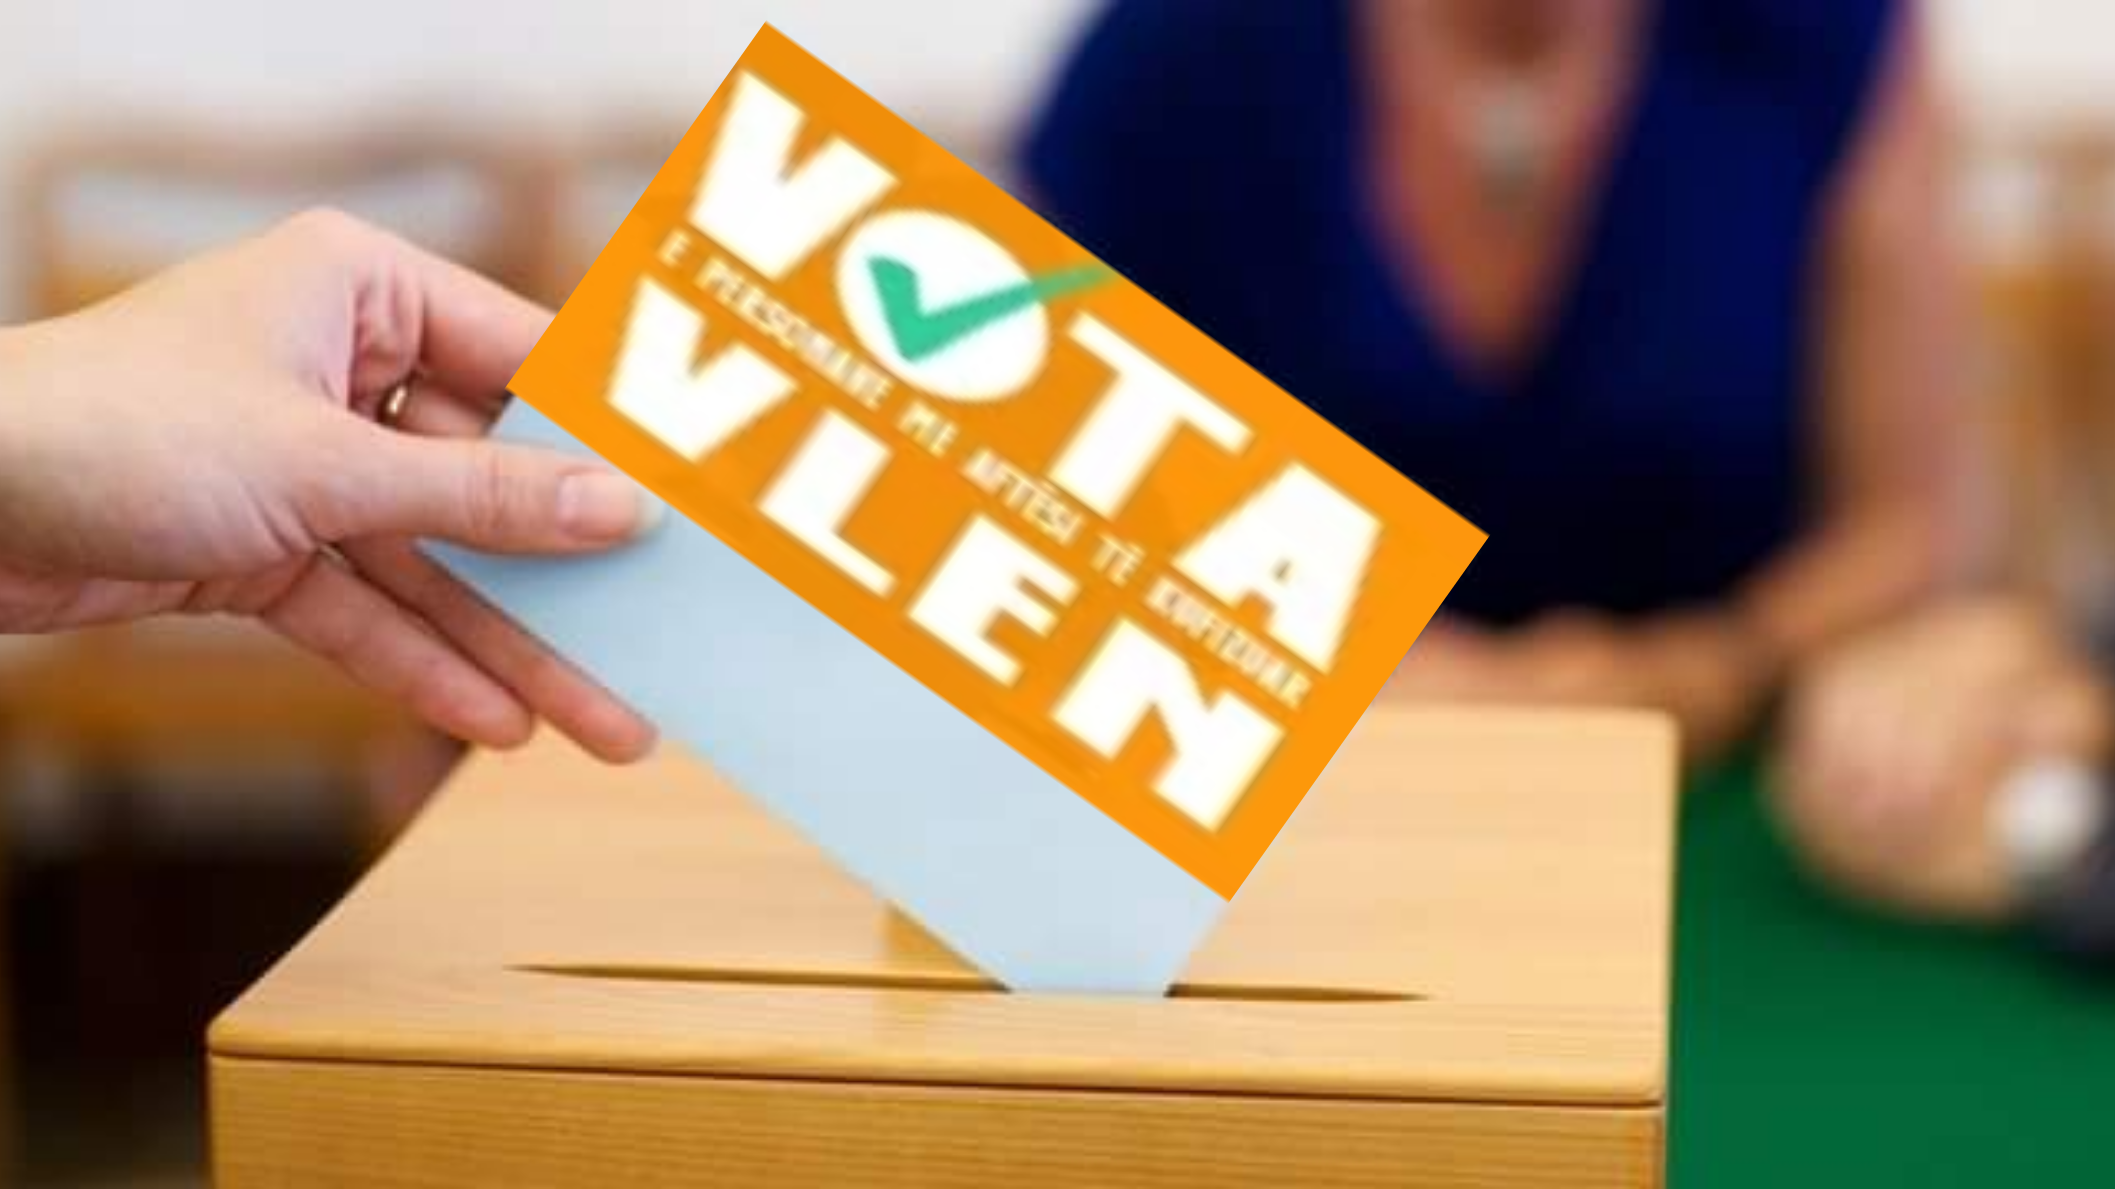 Të drejtat politike dhe e drejta e votes së Personave me Aftësi të Kufzuara